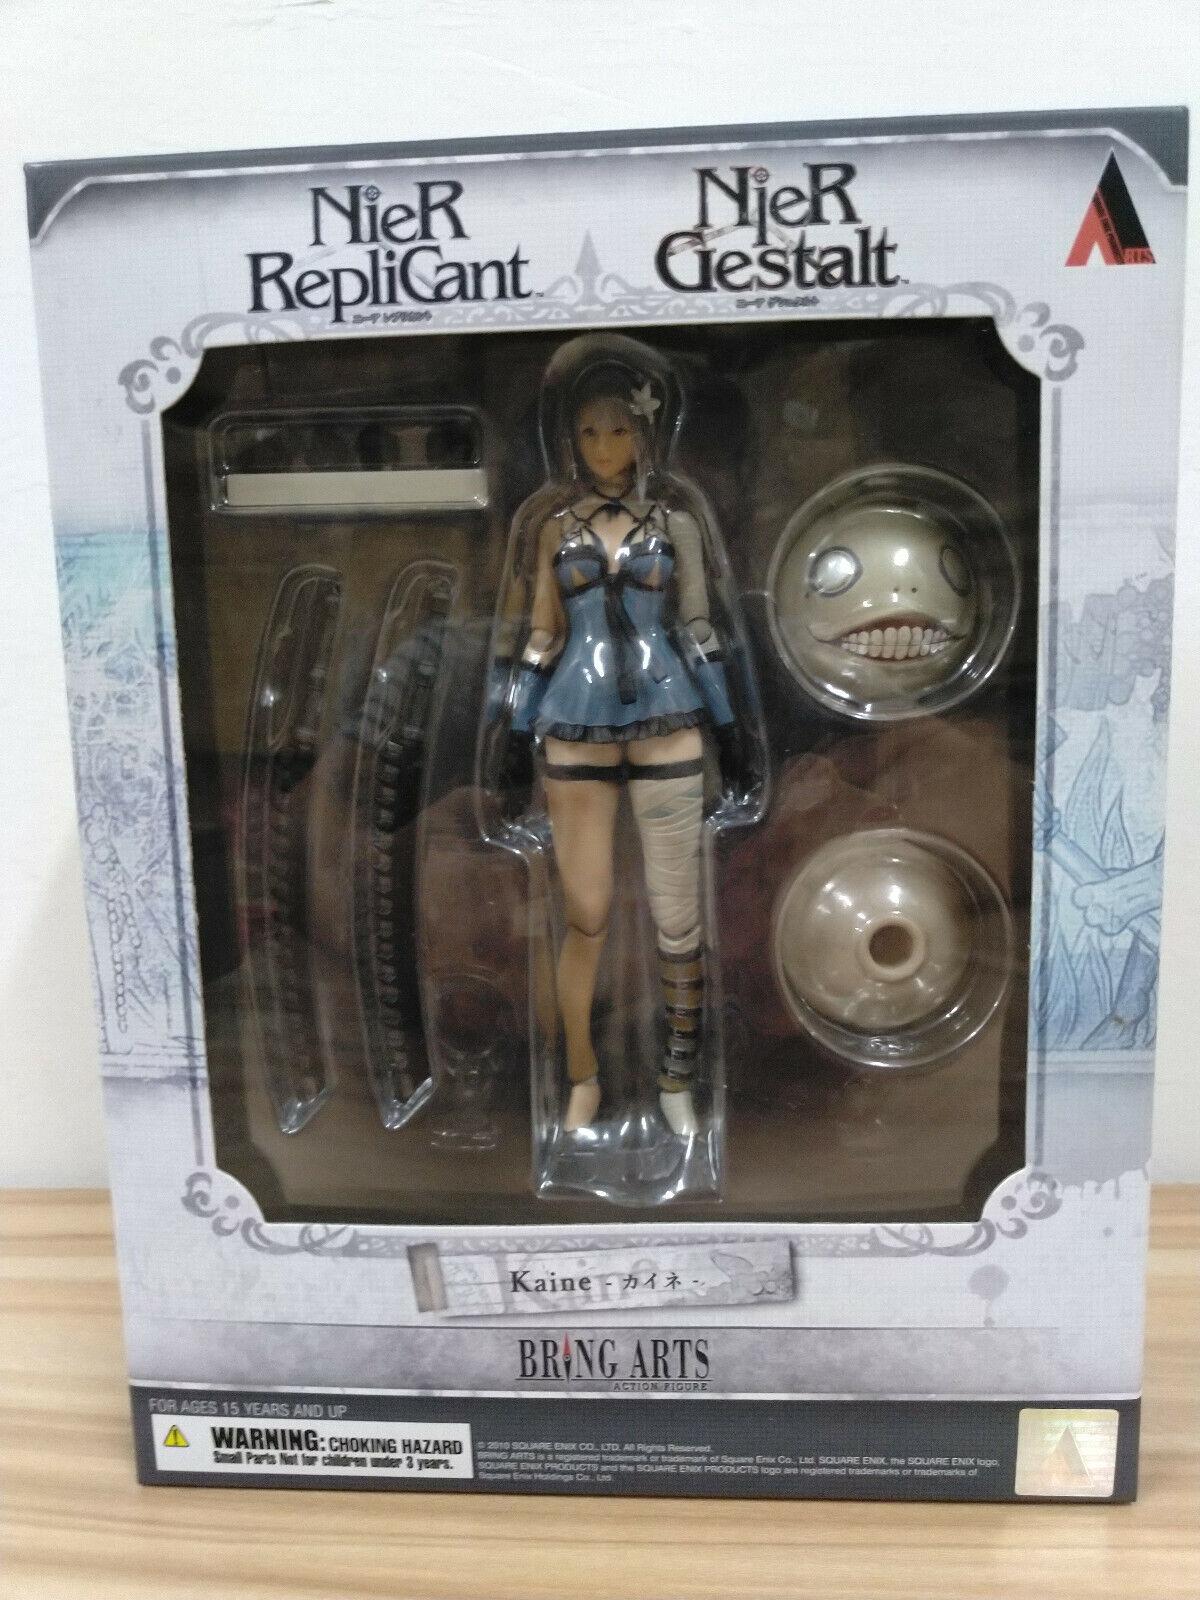 Official Square Enix NieR RepliCant Gestalt  Kaine Action Figure  Bring Arts